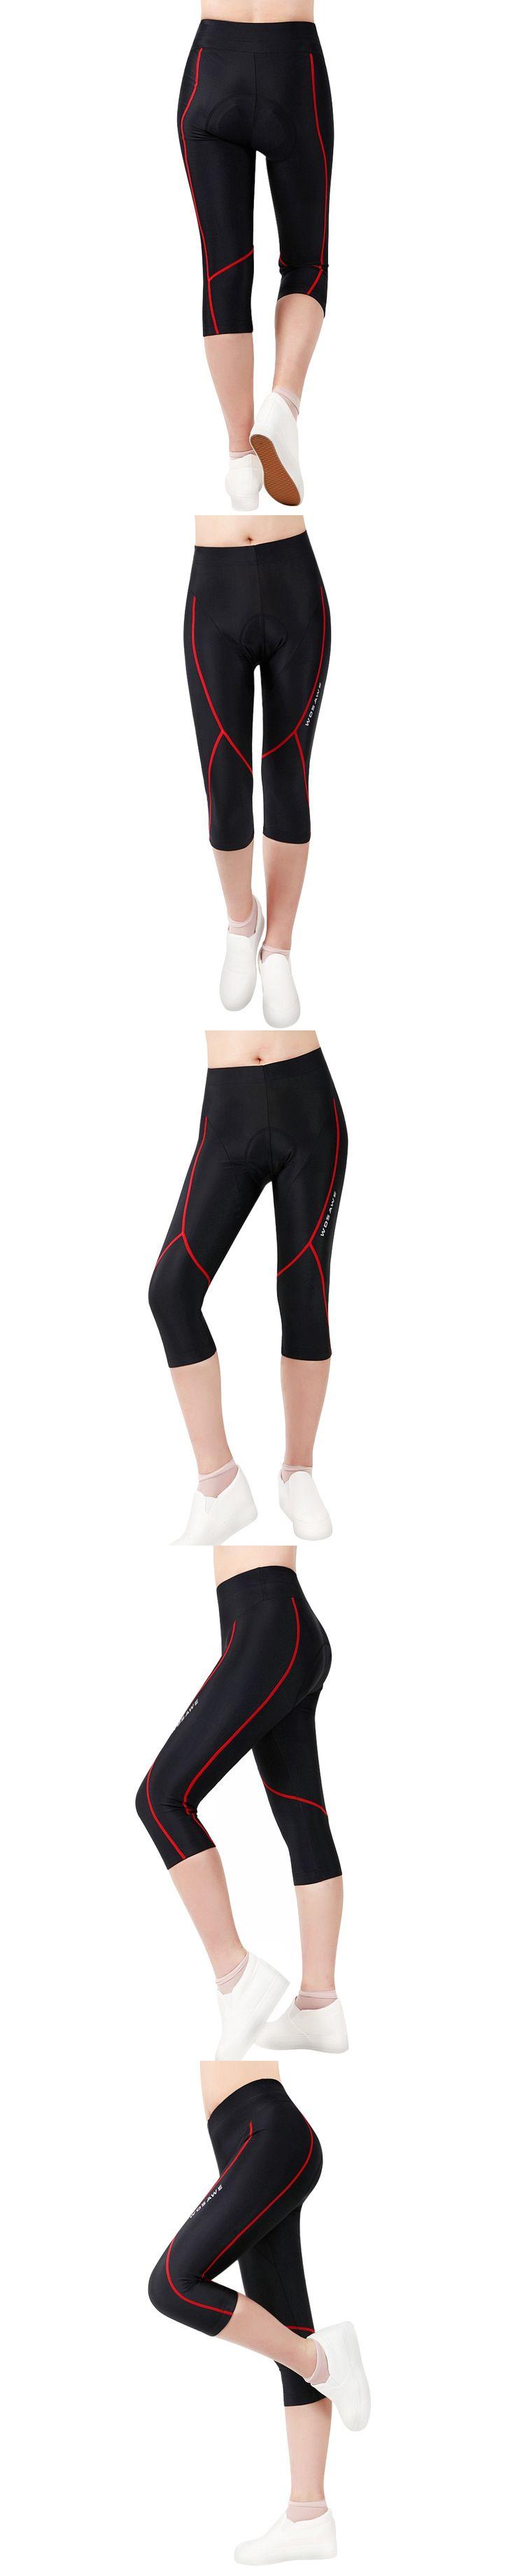 WOSAWE New 3/4 Leg Cycling Shorts Gel 3D pad Female Bike Bicycle Shorts Racing Tights Shorts